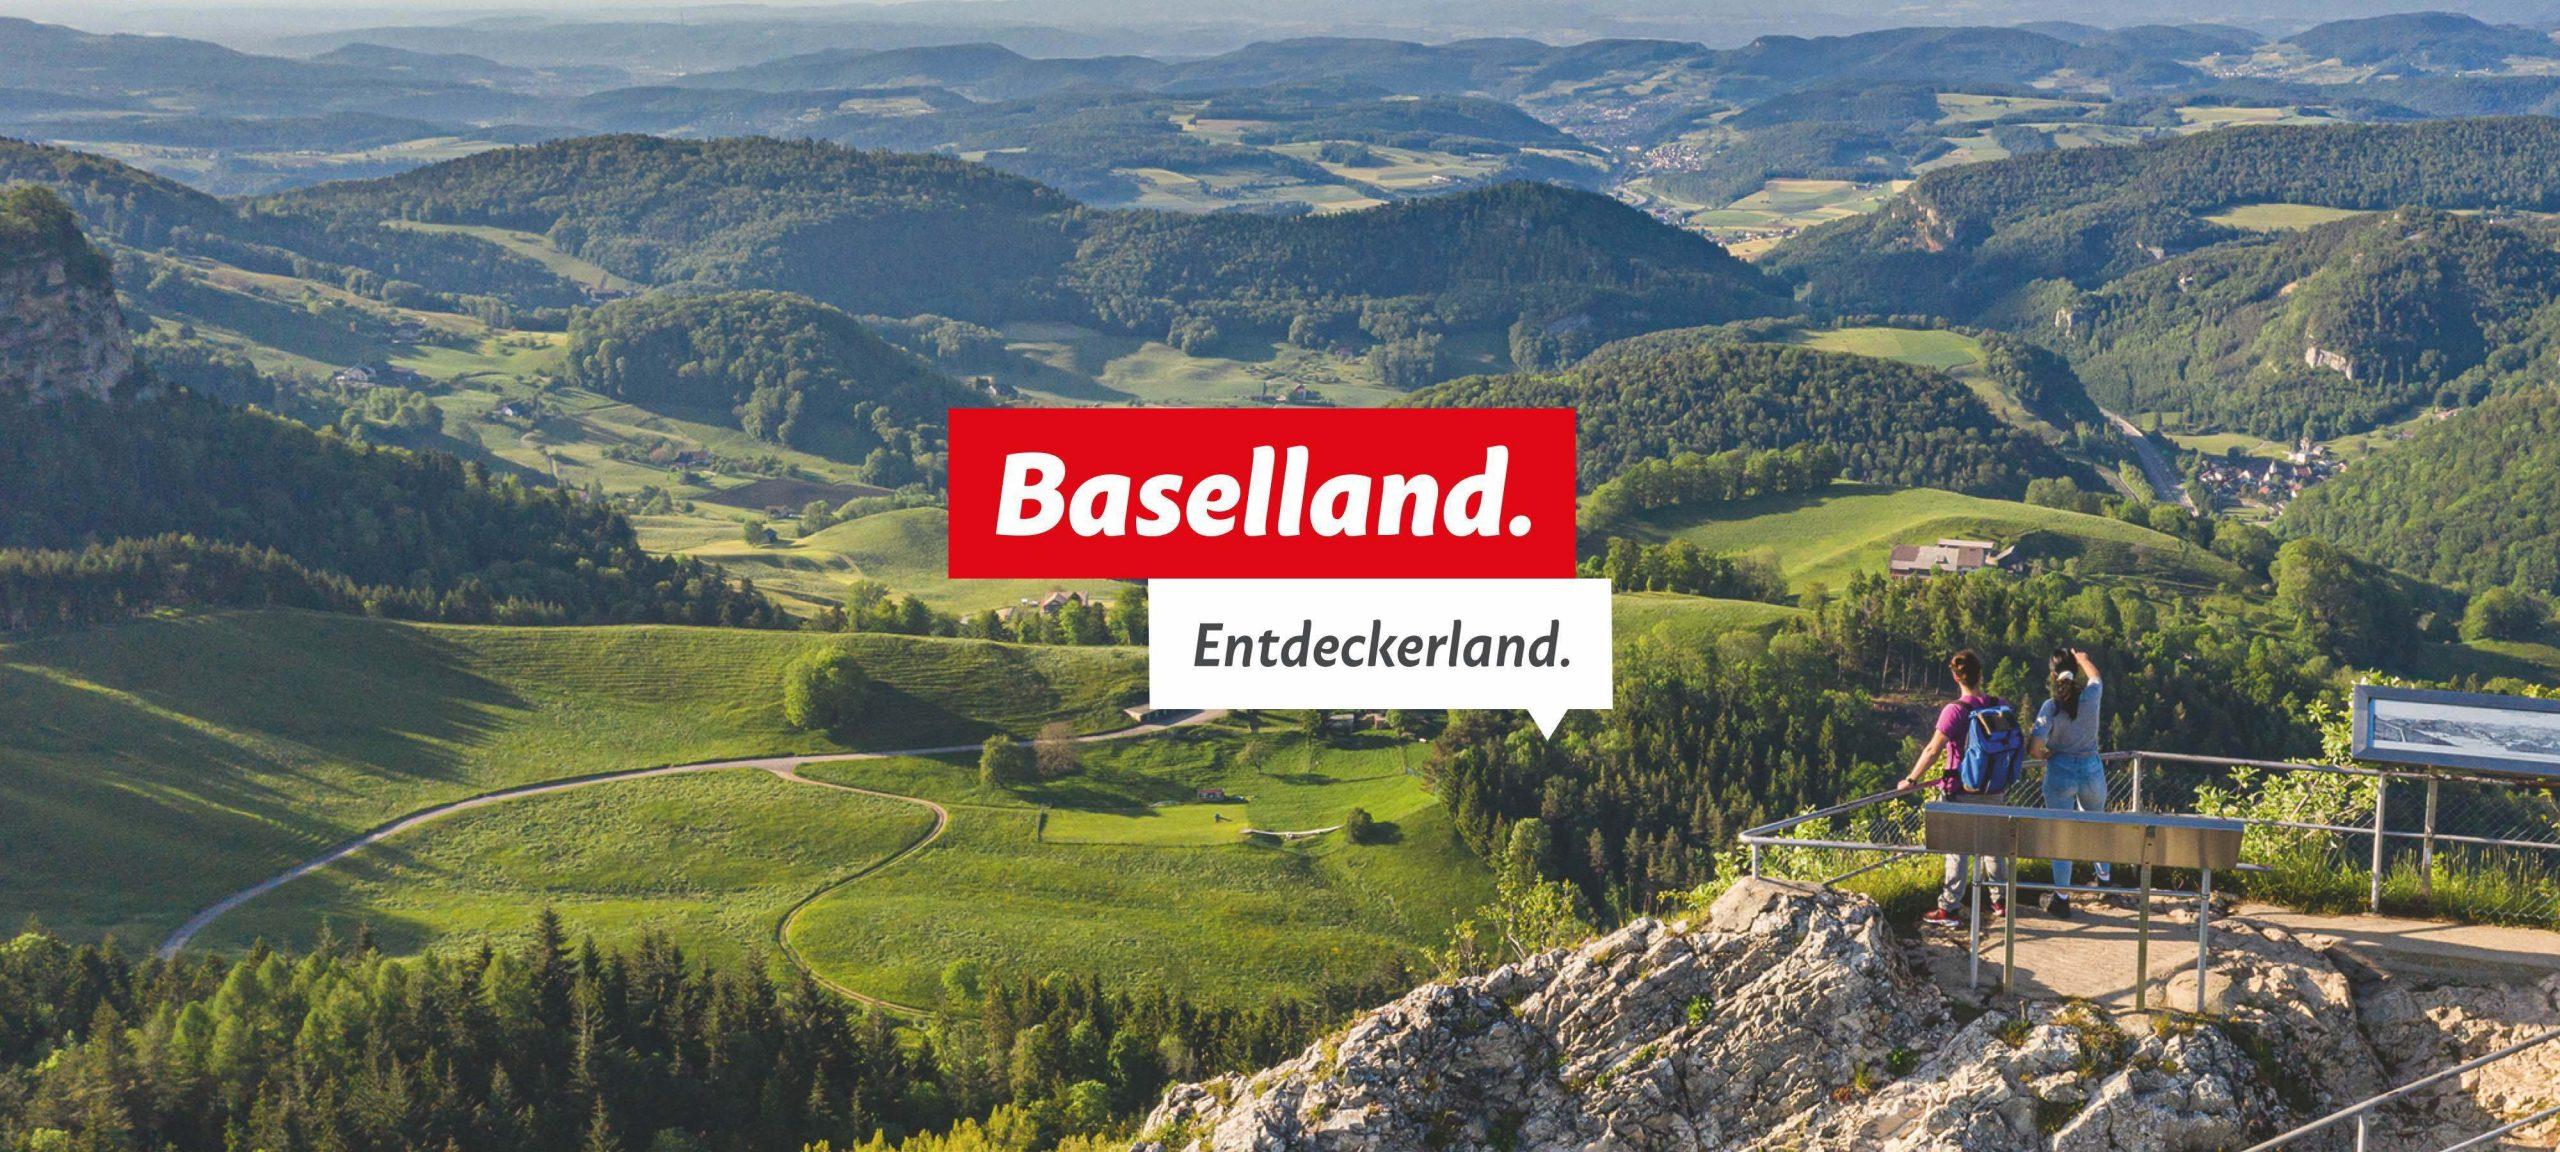 Keyvisual mit Text: Baselland. Entdeckerland.